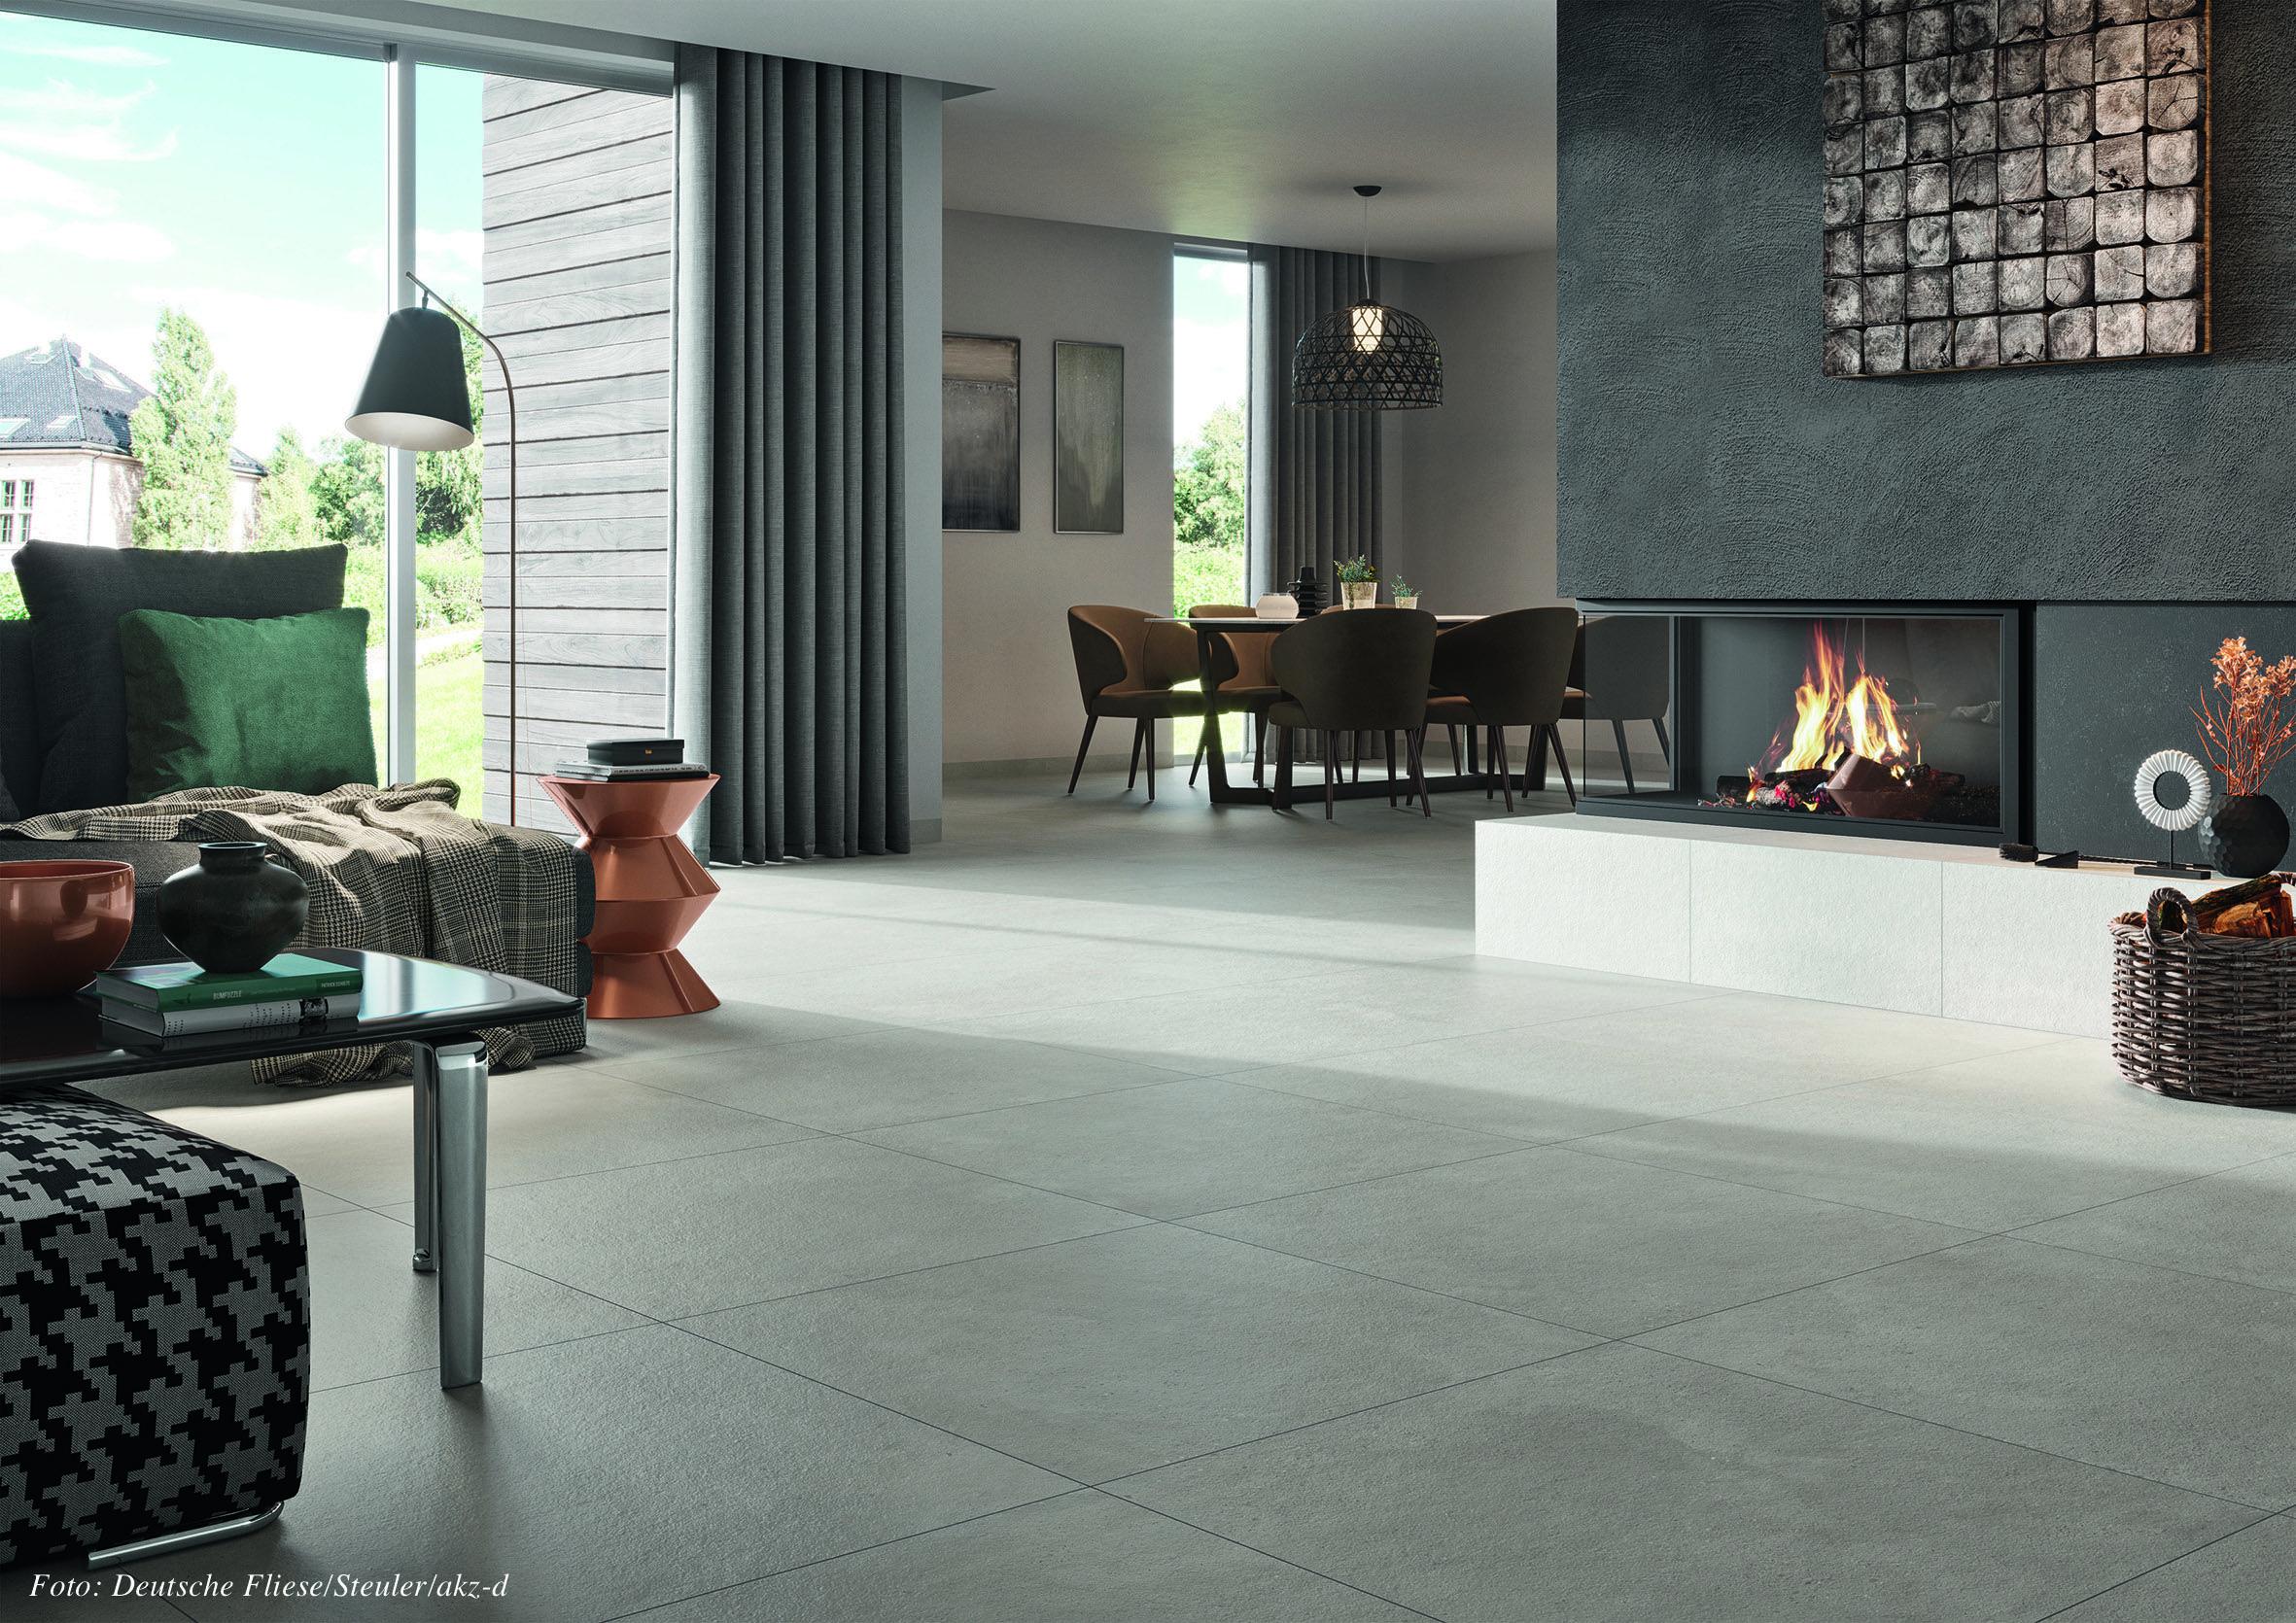 Keramische Fliesen verstärken als hervorragende Wärmeleiter die Effizienz einer Fußbodenheizung. Mit robusten Oberflächen und hochwertigem Design sind sie außerdem ökologisch, weil über Jahrzehnte nutzbar. Foto: Deutsche Fliese/Steuler/akz-o